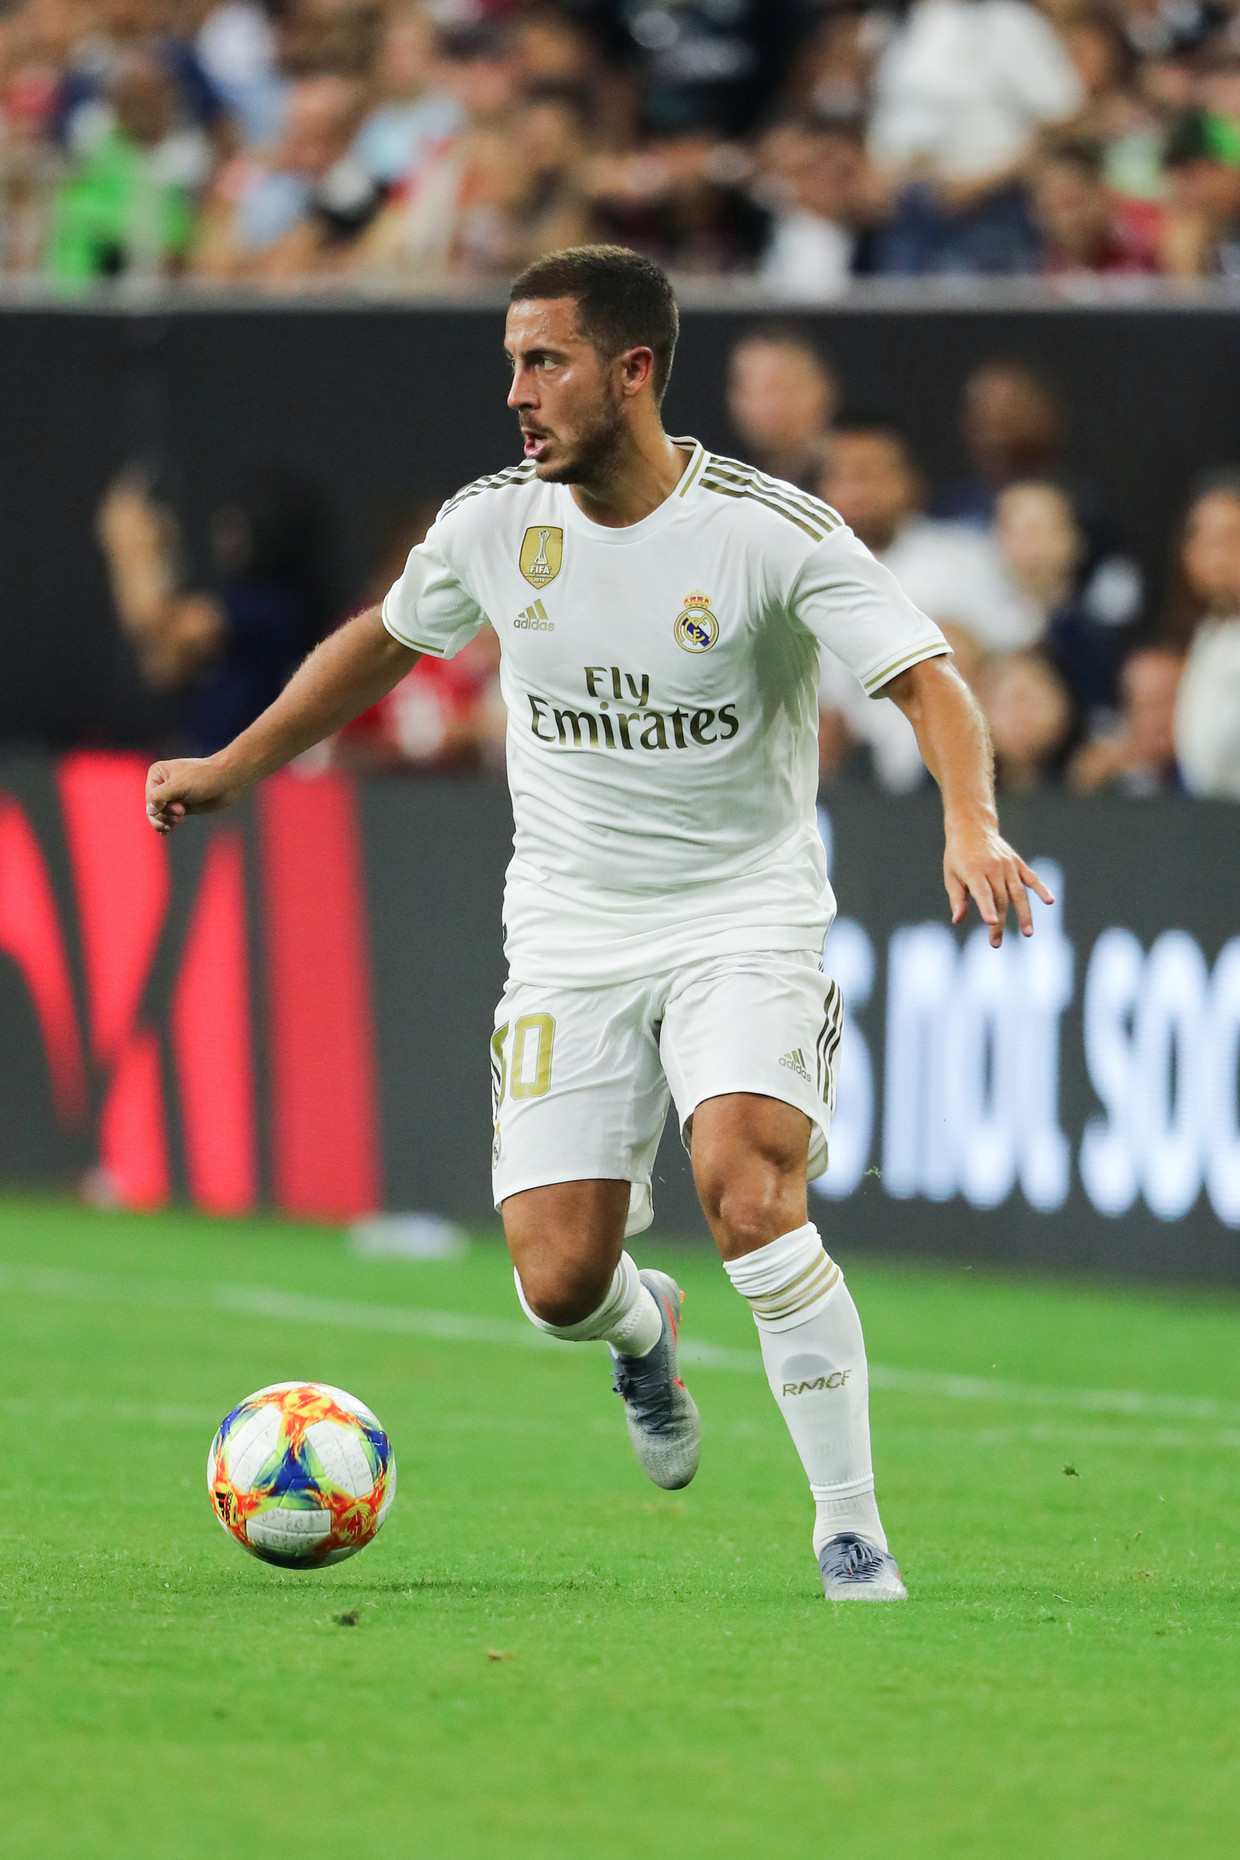 Eden Hazard kon de beslissing niet forceren, maar was wel regelmatig een gesel voor de Bayern-verdediger.